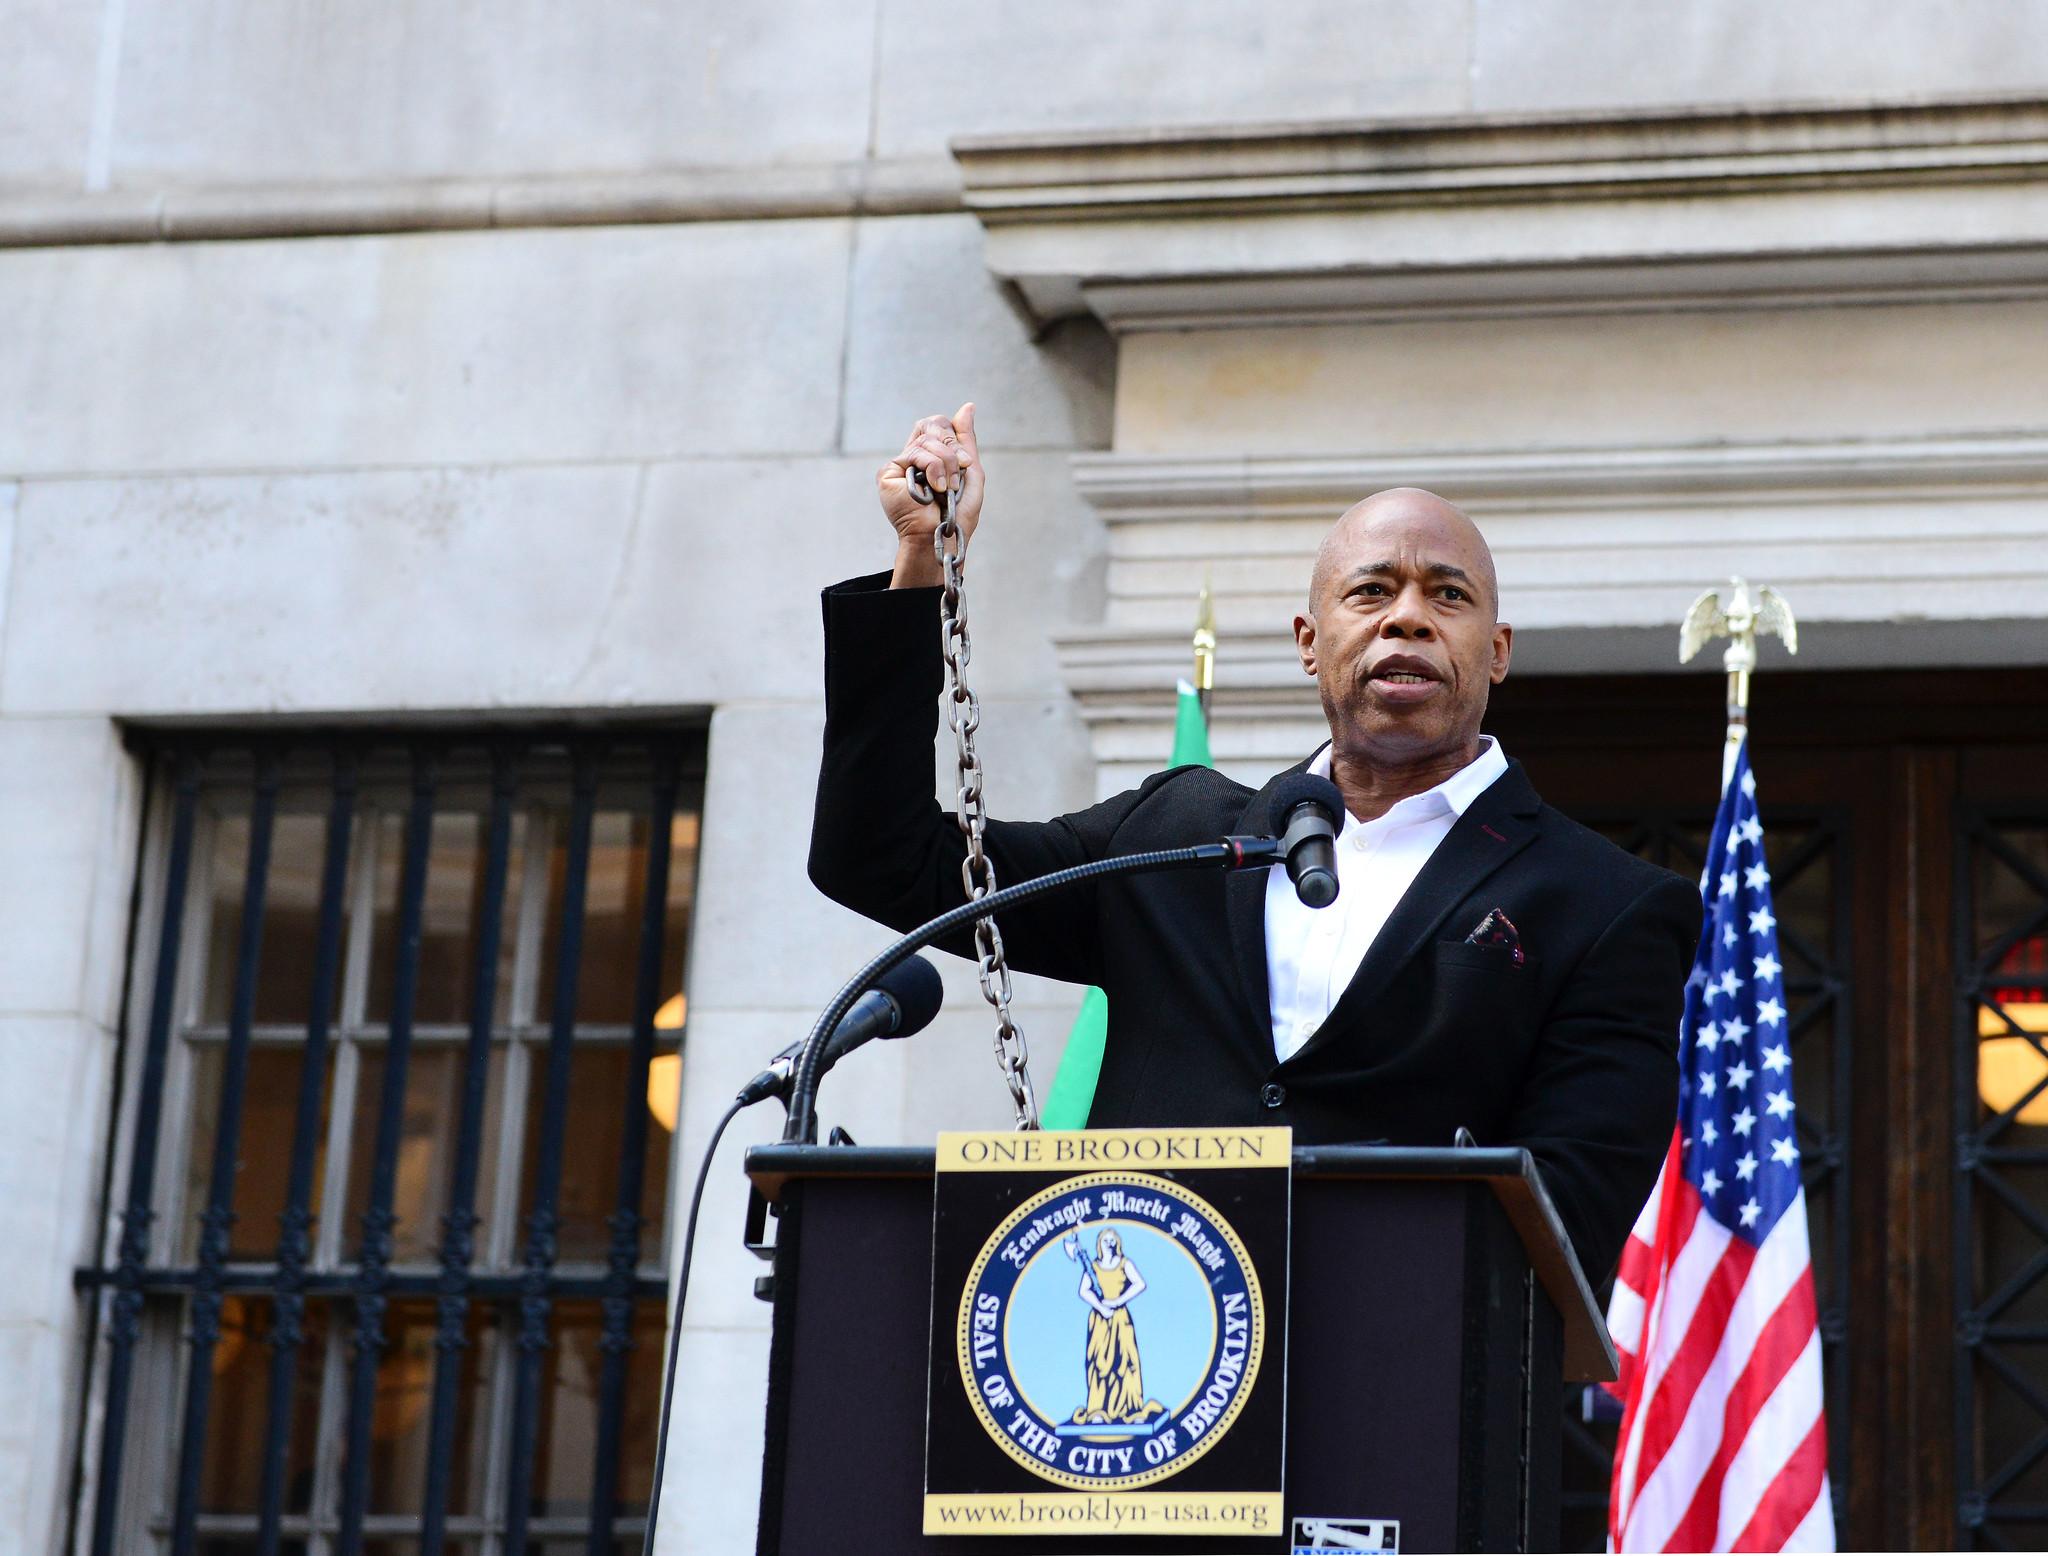 IMAGEM: Ex-capitão de polícia vence primárias democratas para prefeitura de Nova York